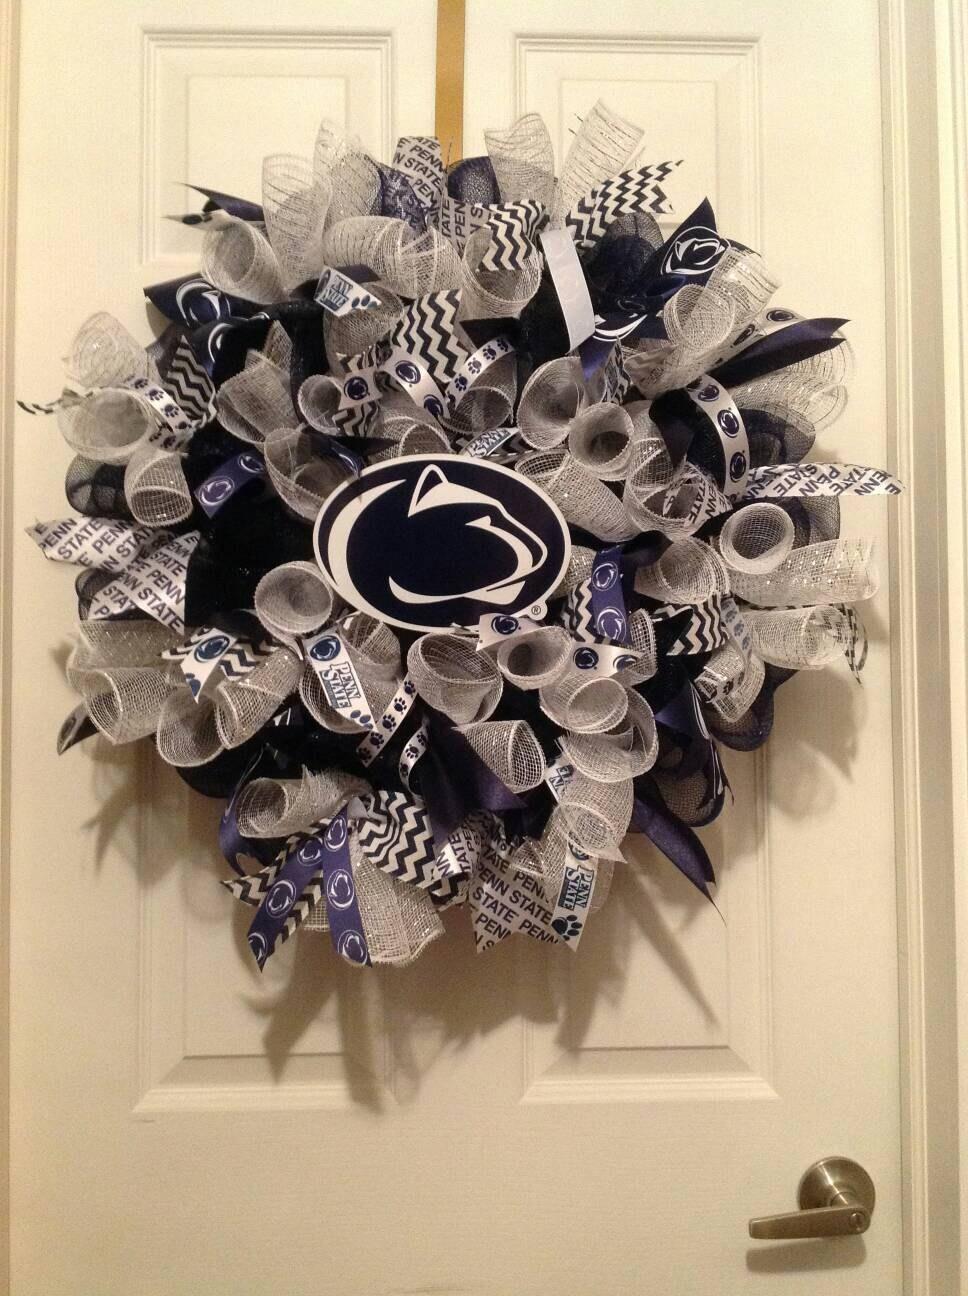 Penn State wreath Penn State deco mesh wreath Penn State